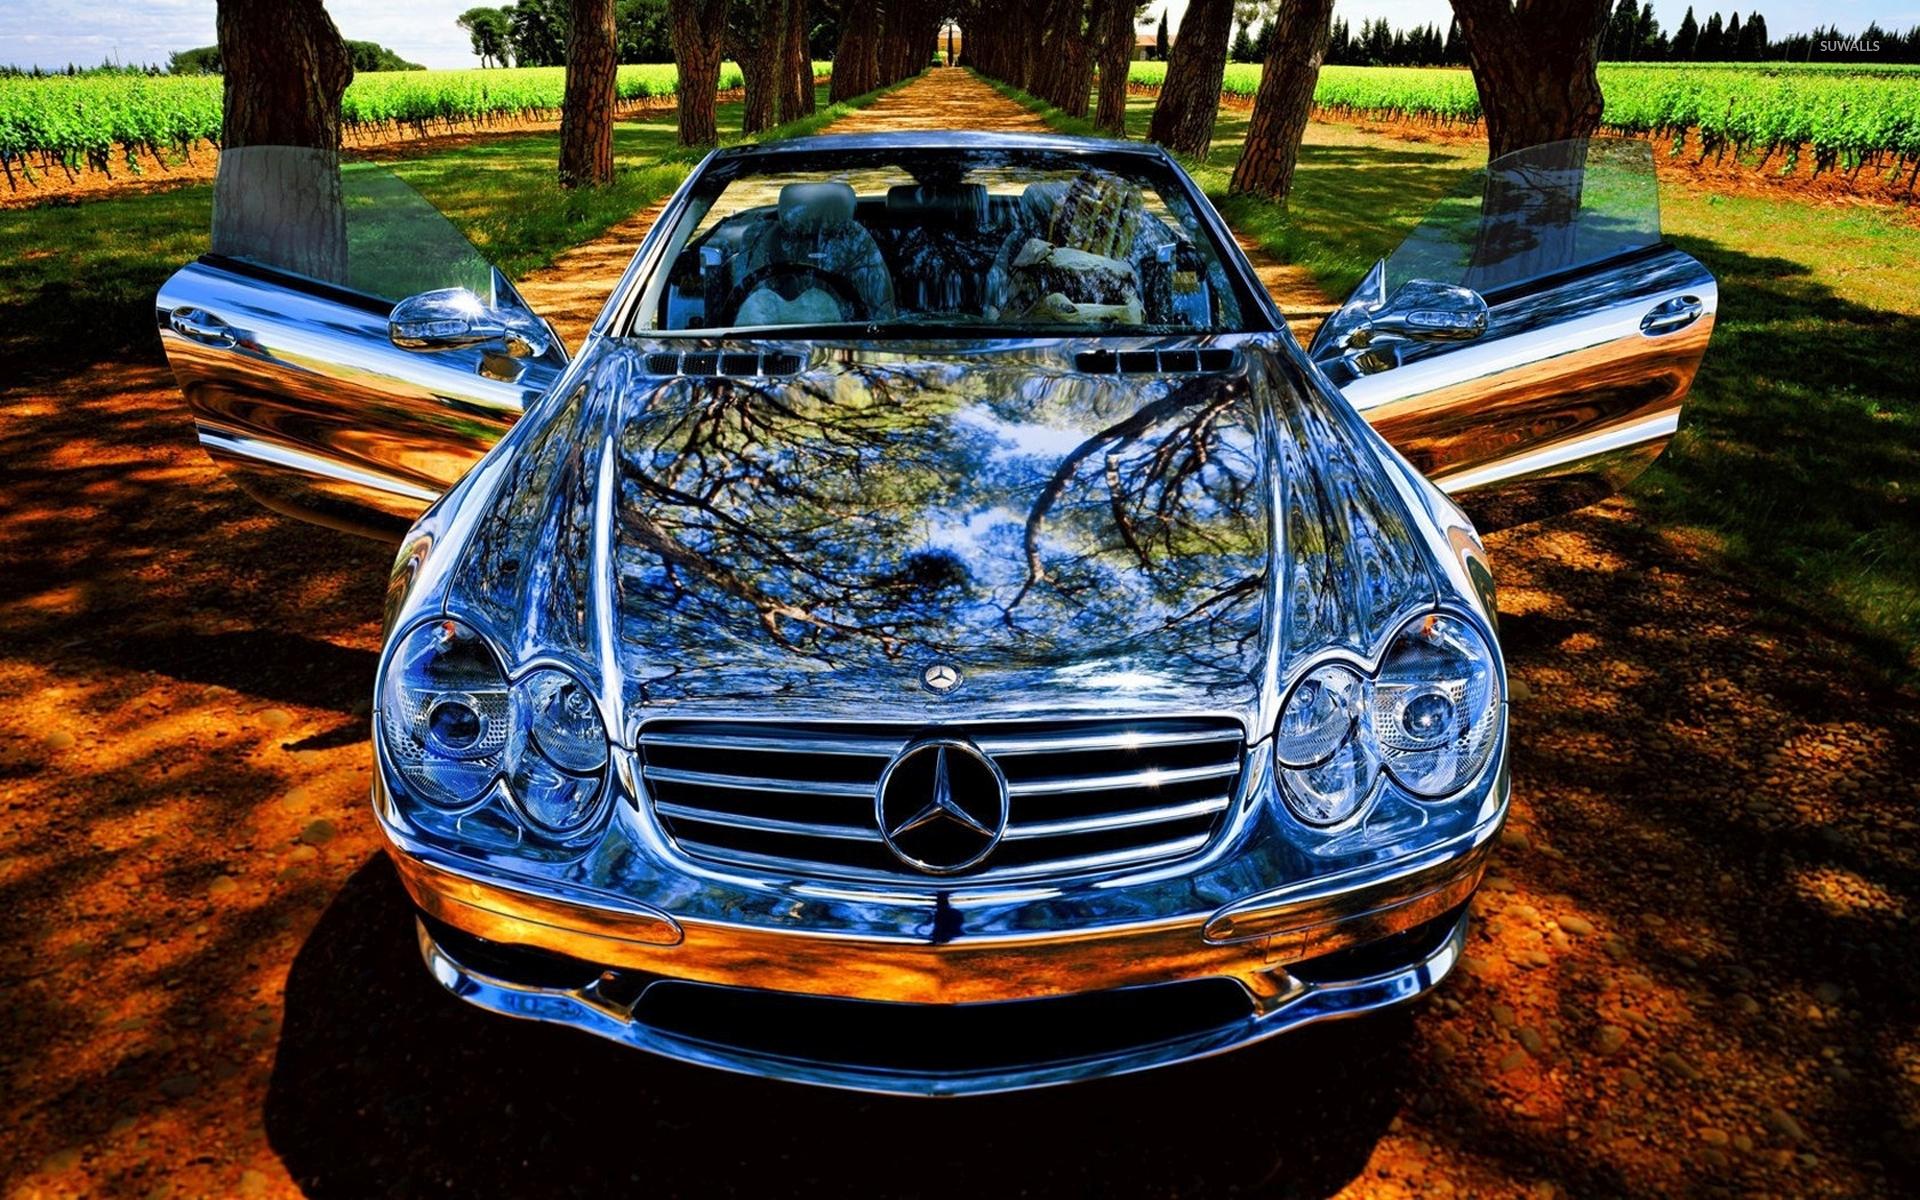 Mercedes-Benz C200 wallpaper - 1351167